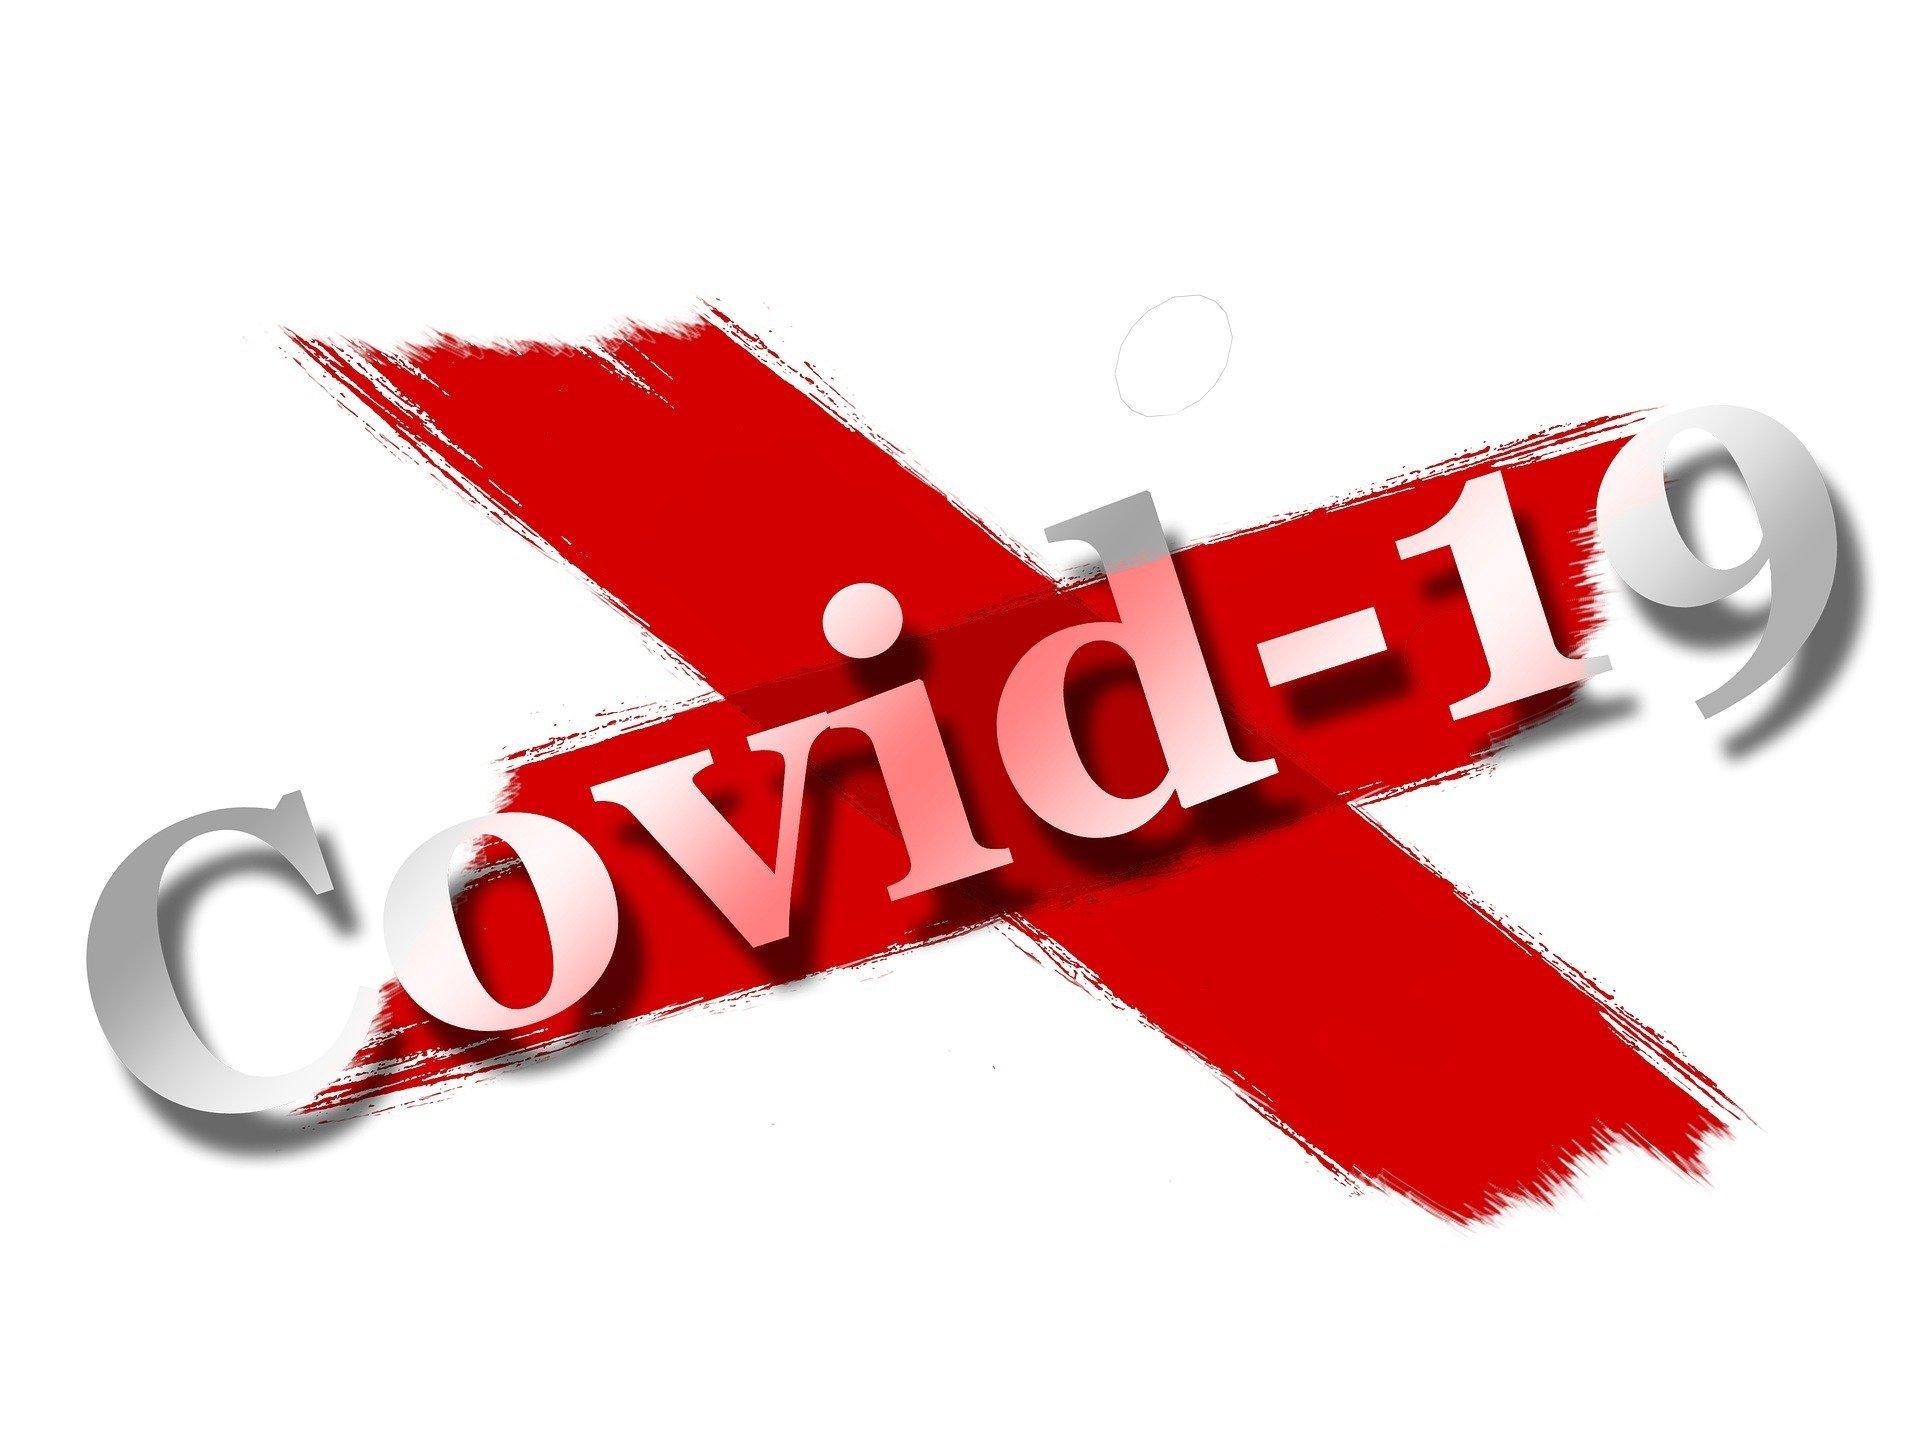 MARCH 12TH 11:30 AM – NO CORONAVIRUS CASES IN JEFFERSON COUNTY